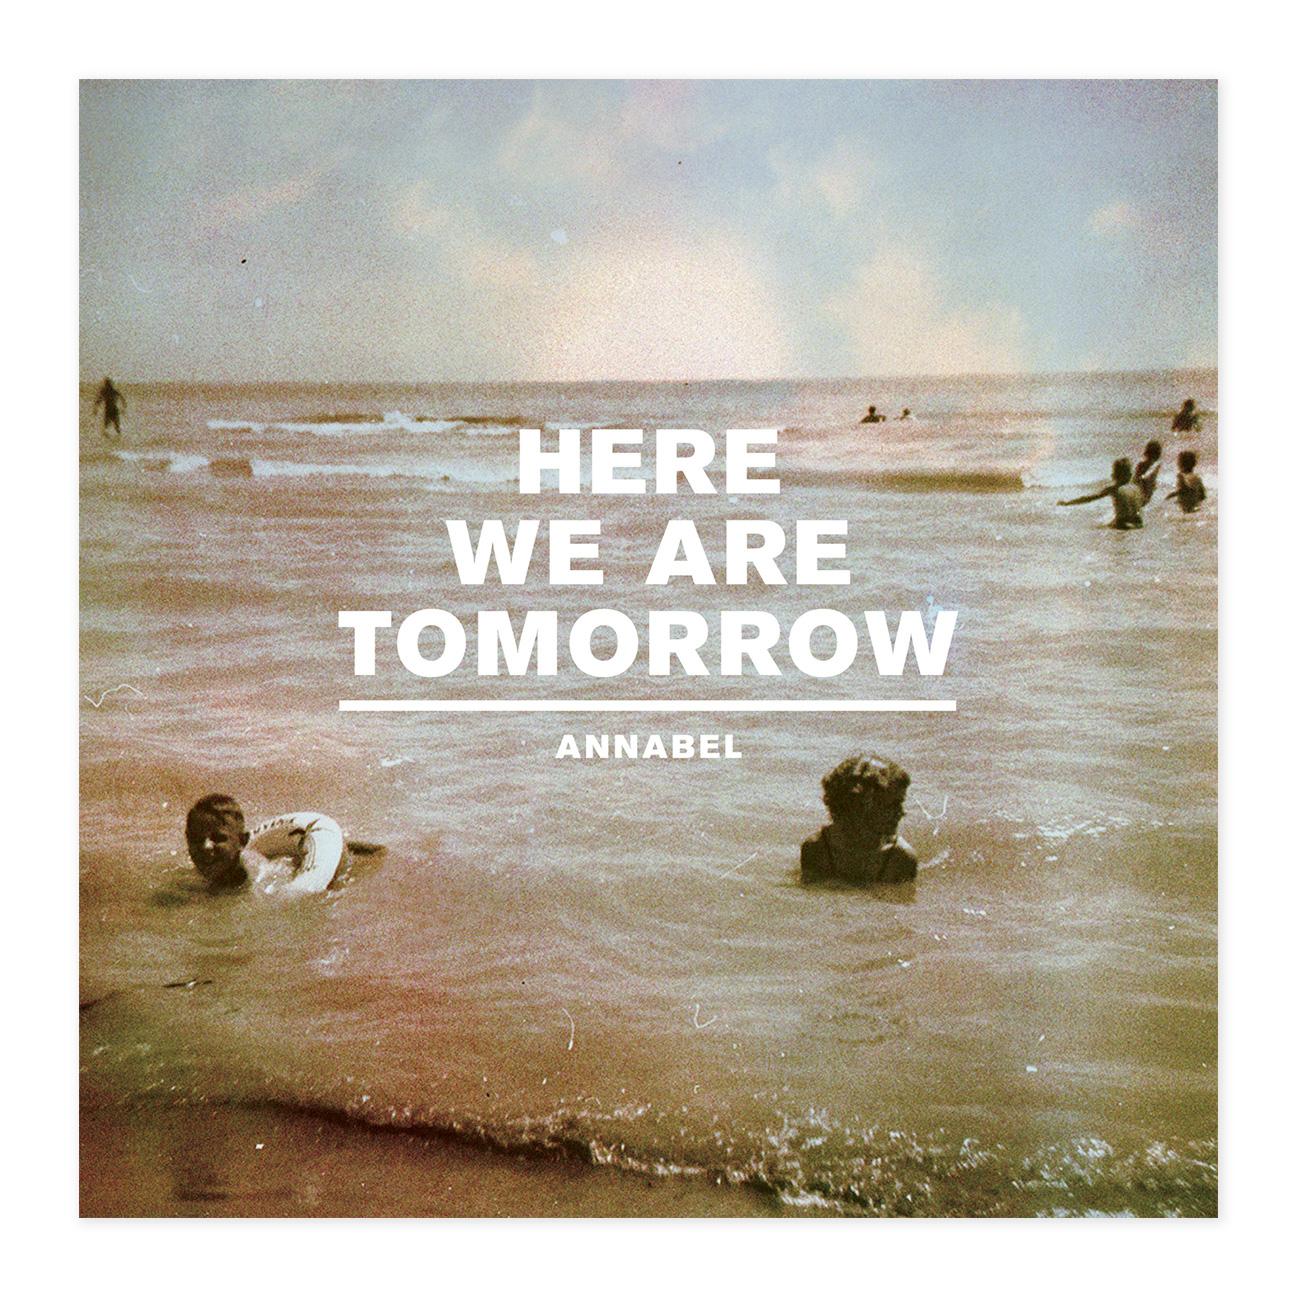 Album-Covers-Annabel-HWAT.jpg